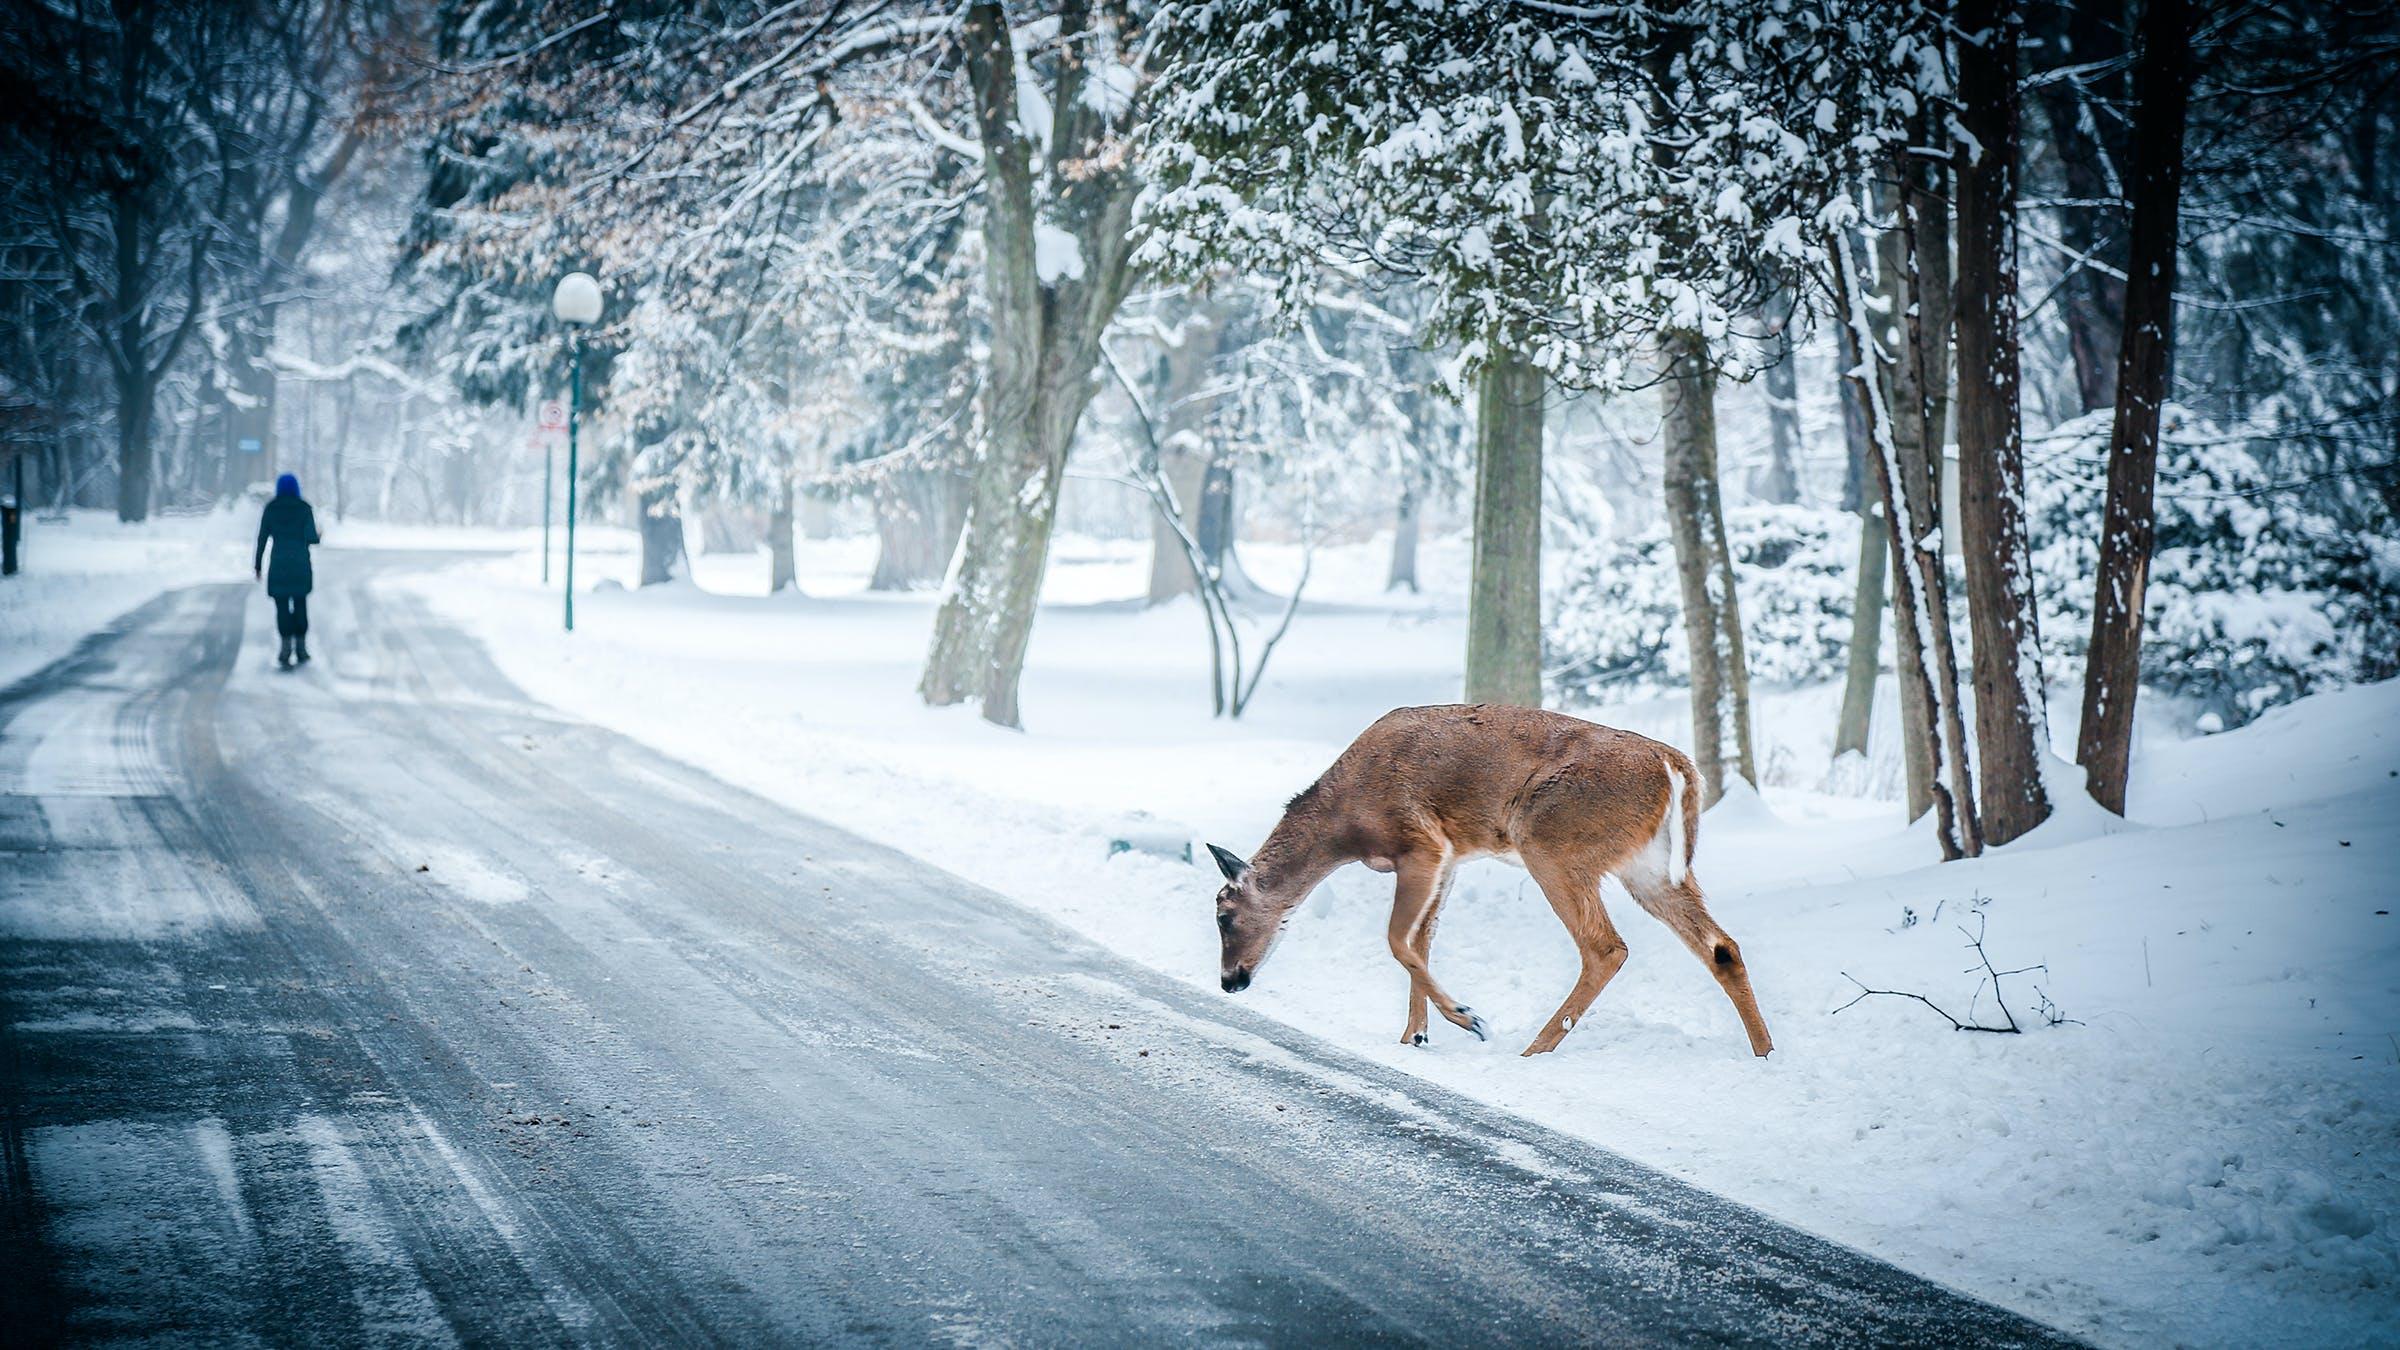 hirsch, schnee, straße